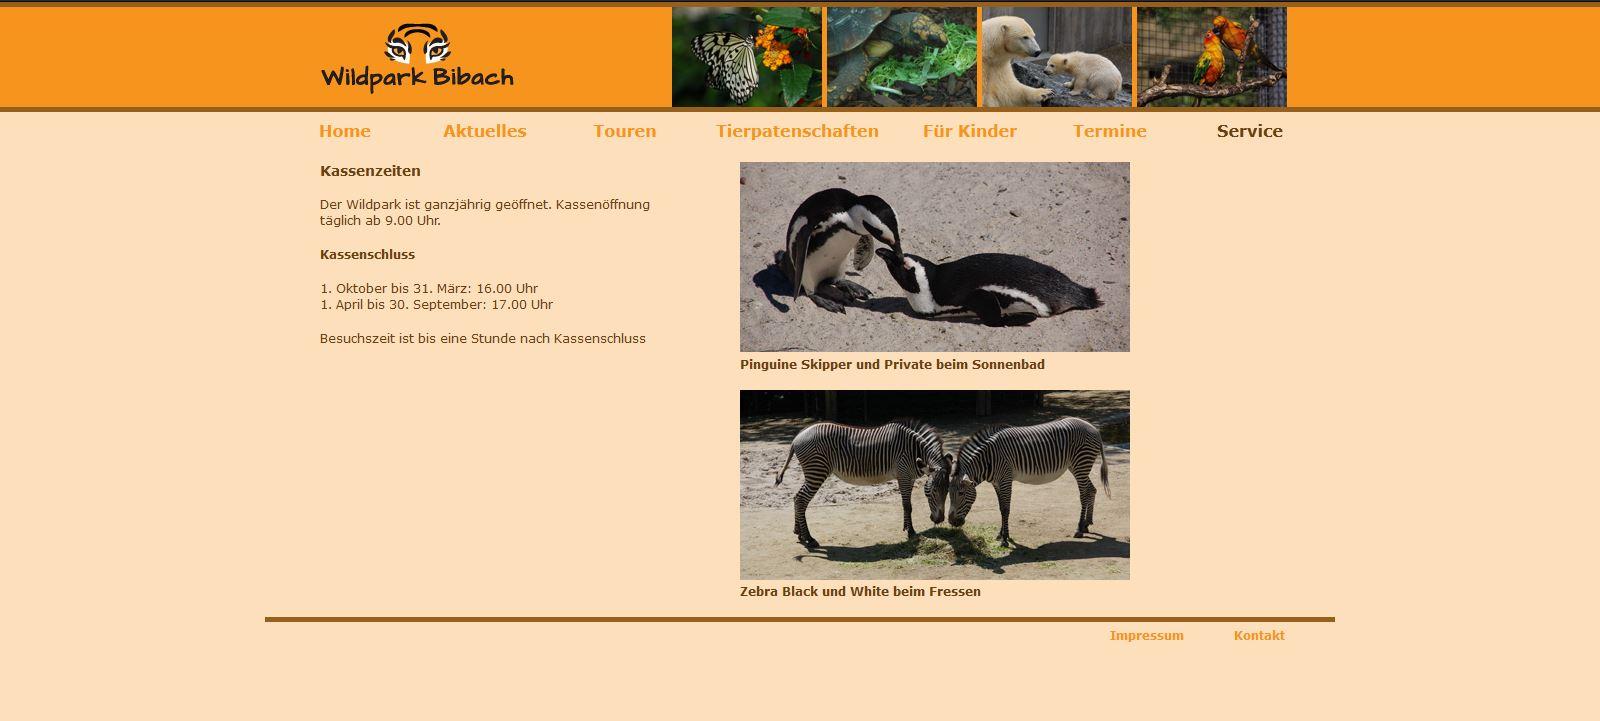 Wildpark Bibach - Service - Kassenzeiten